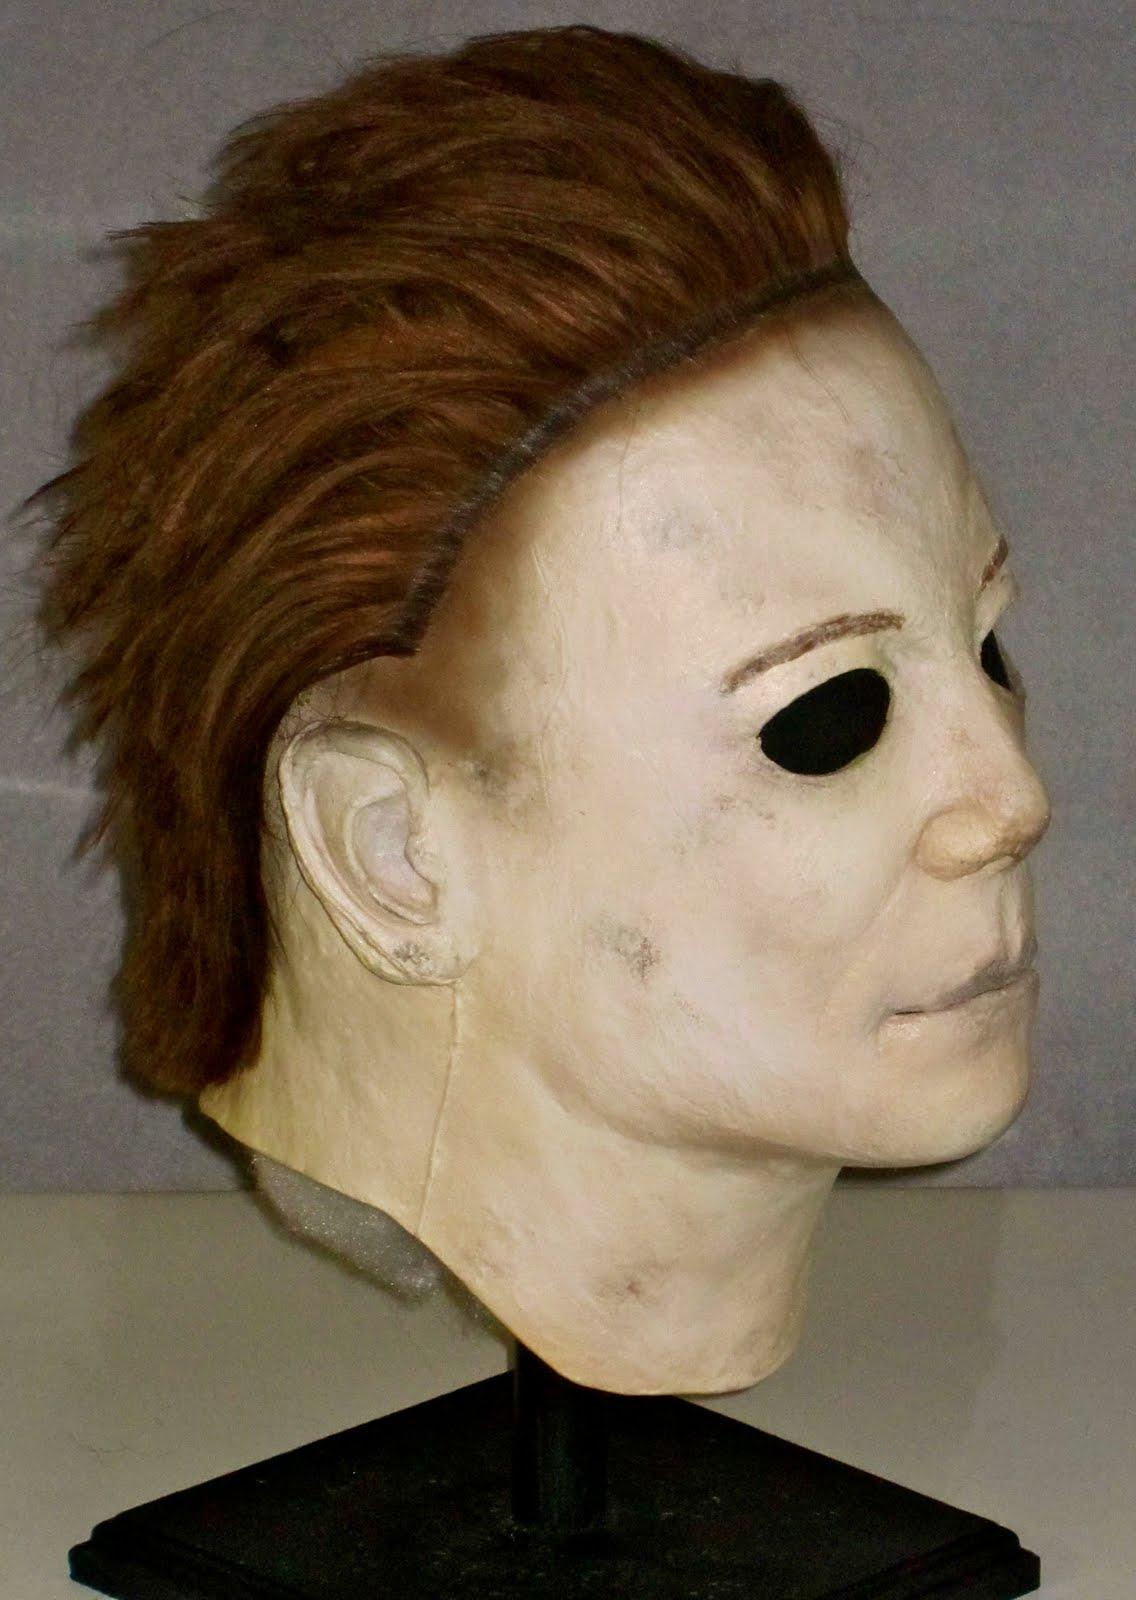 Clown Halloween Masks